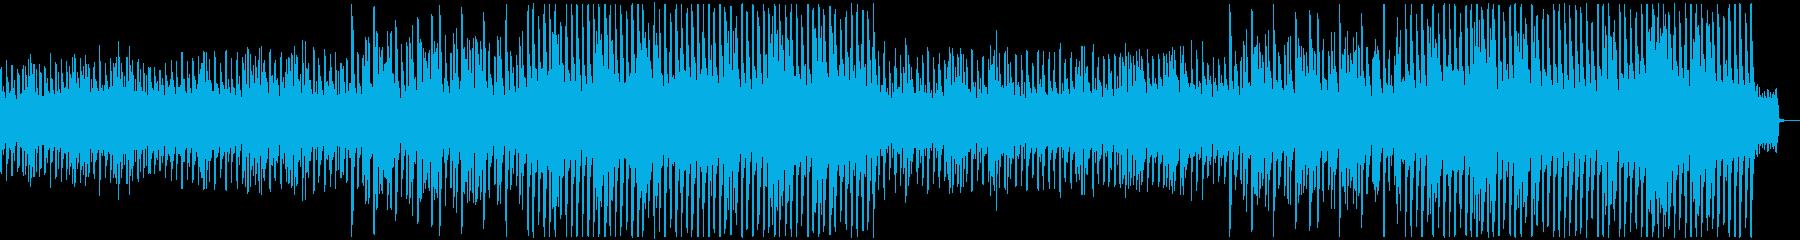 製品開発・科学技術・化学製品の紹介映像にの再生済みの波形